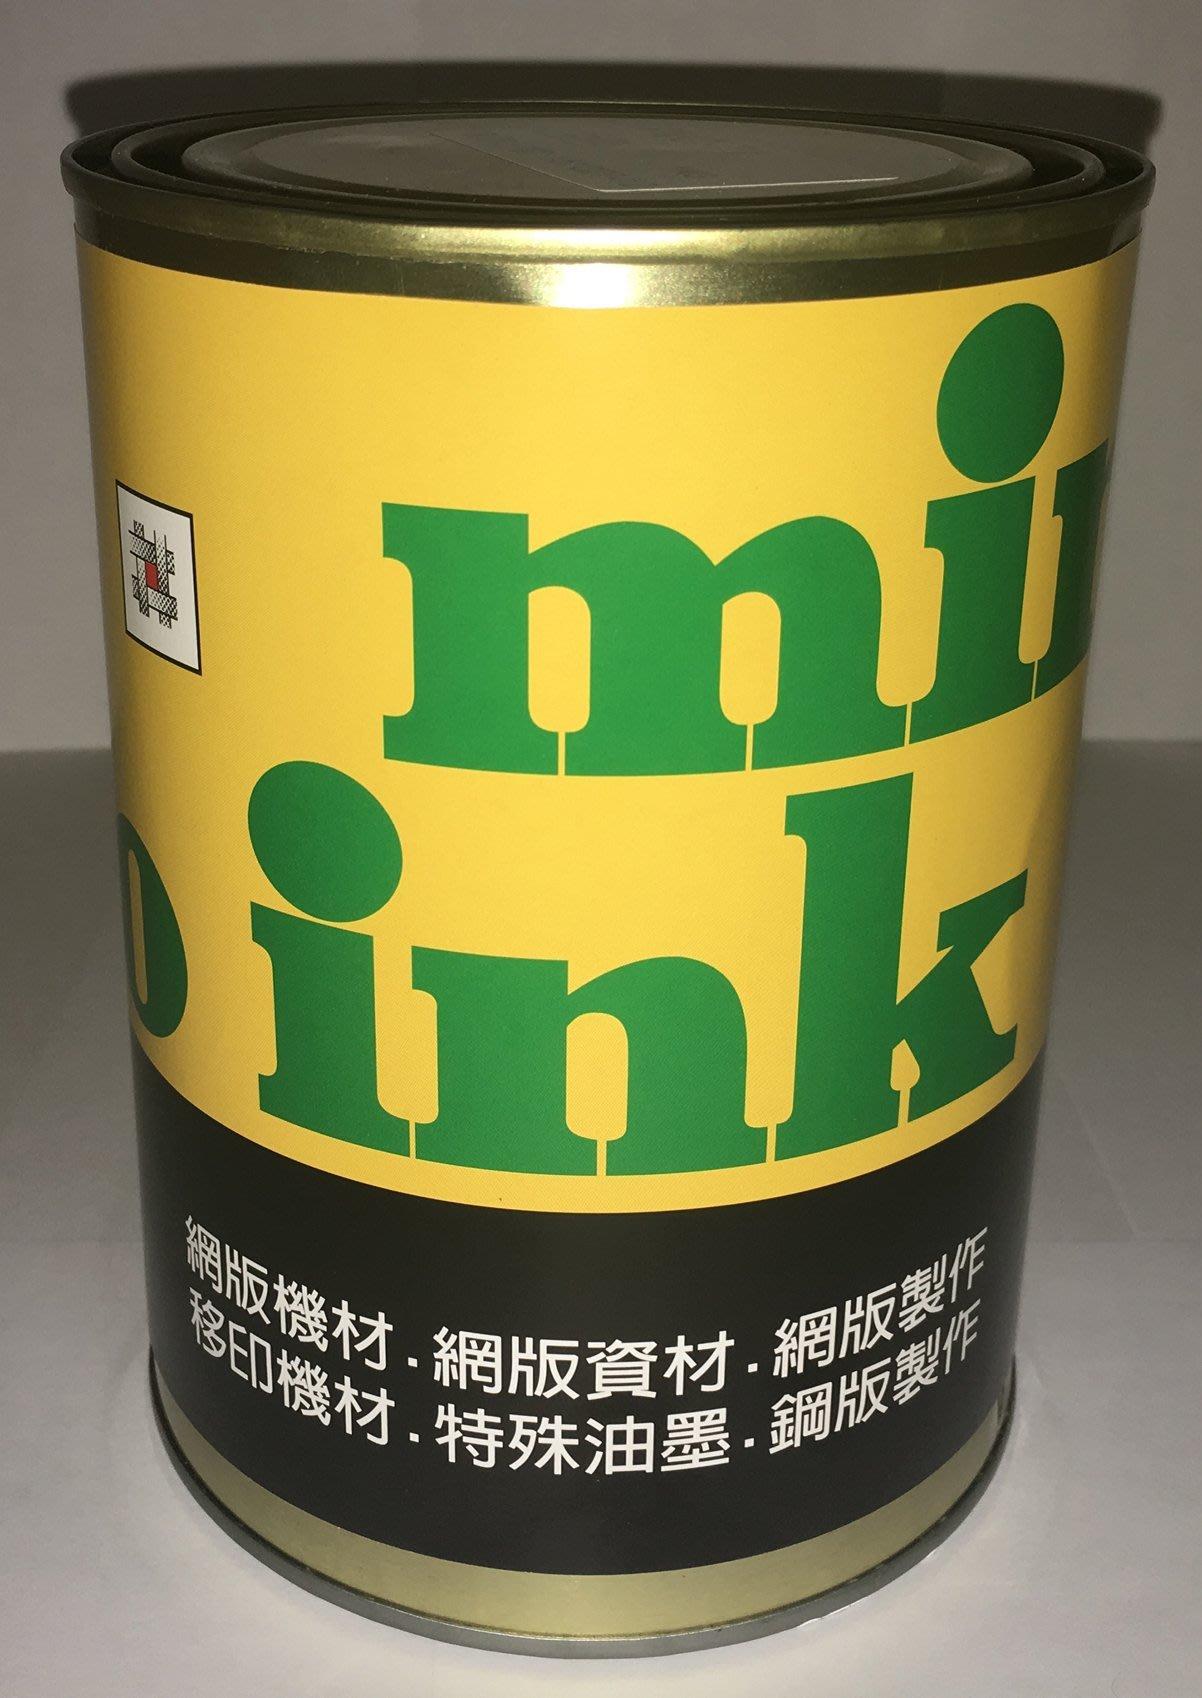 DIY印刷 網版印刷 絲印 PVC系列 油墨 群青色 台灣製造 品質可靠 1kg